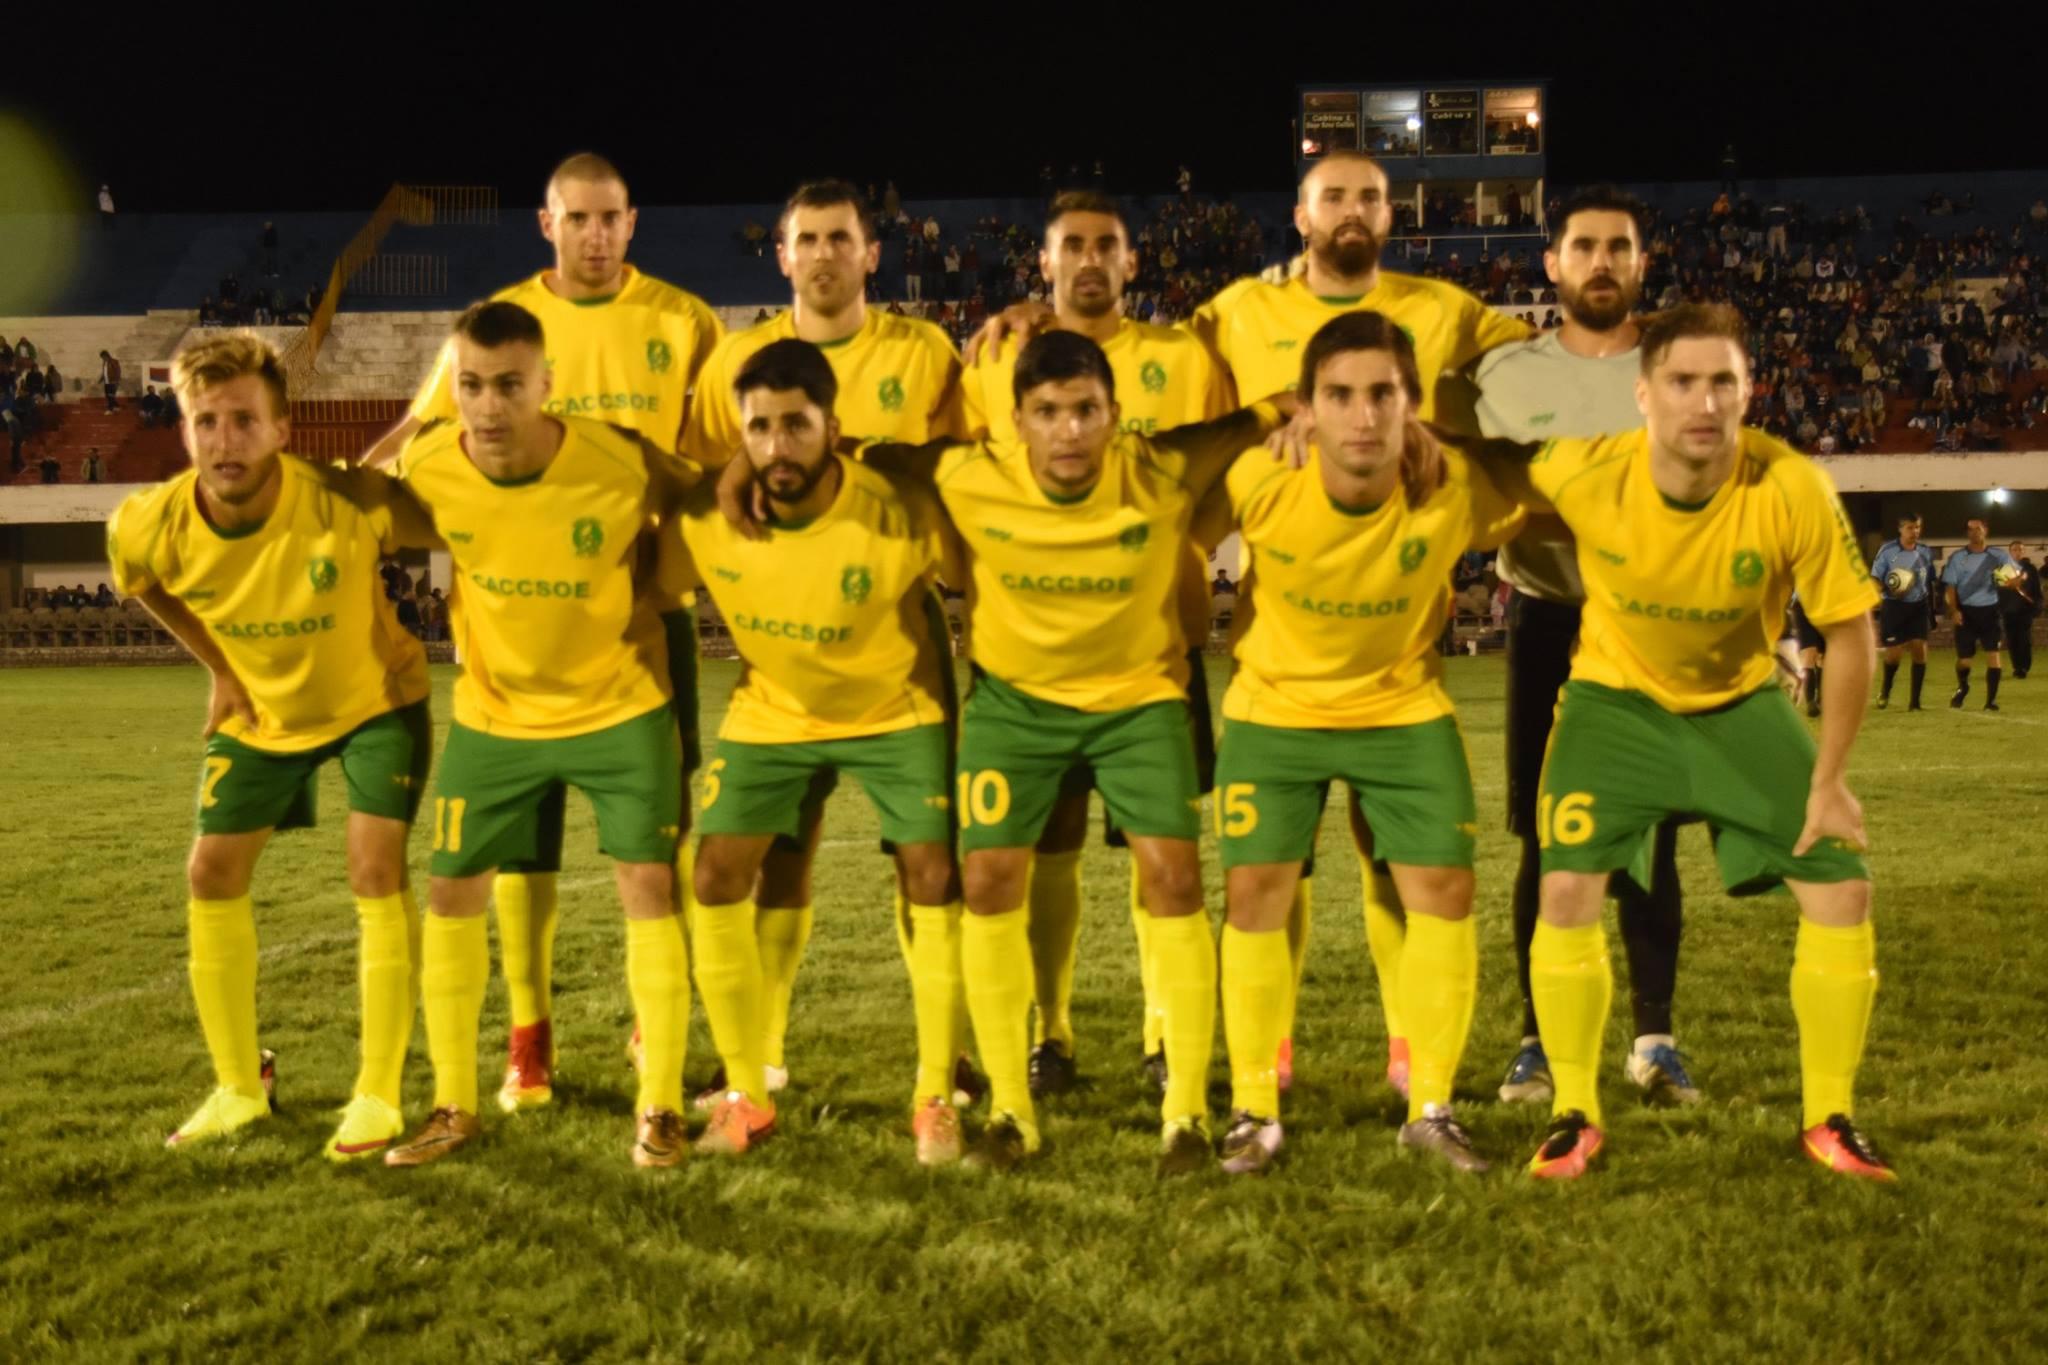 Canelones del Este impuso las condiciones del juego y Lavalleja no tuvo respuestas